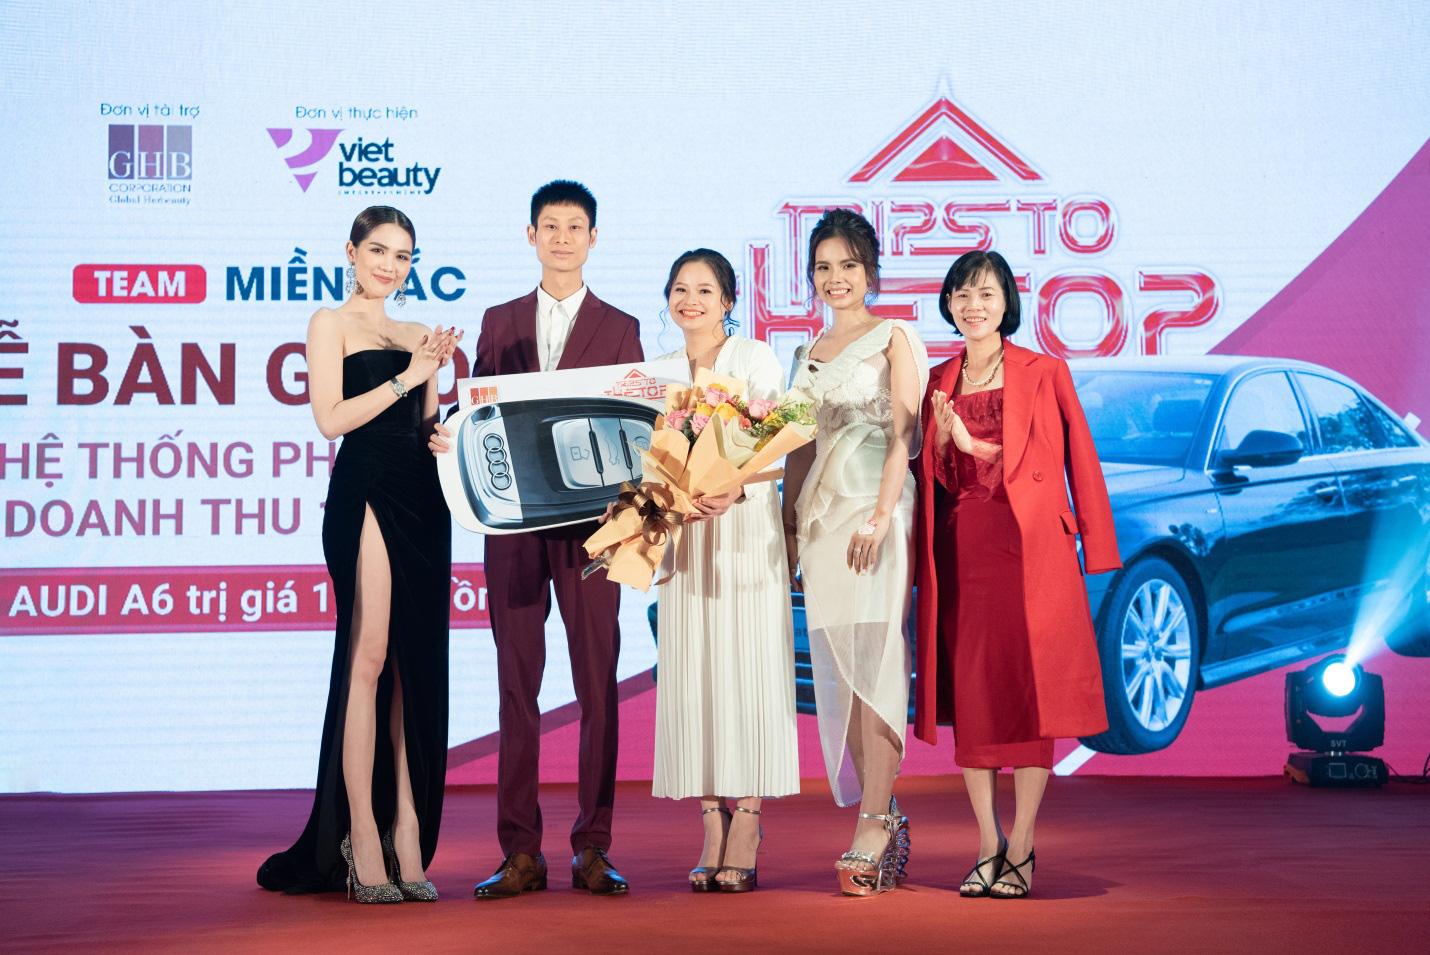 Hậu chia tay bạn trai, Ngọc Trinh bạo tay chi gần 5 tỉ và tặng 1 siêu xe cho đối tác - Ảnh 6.